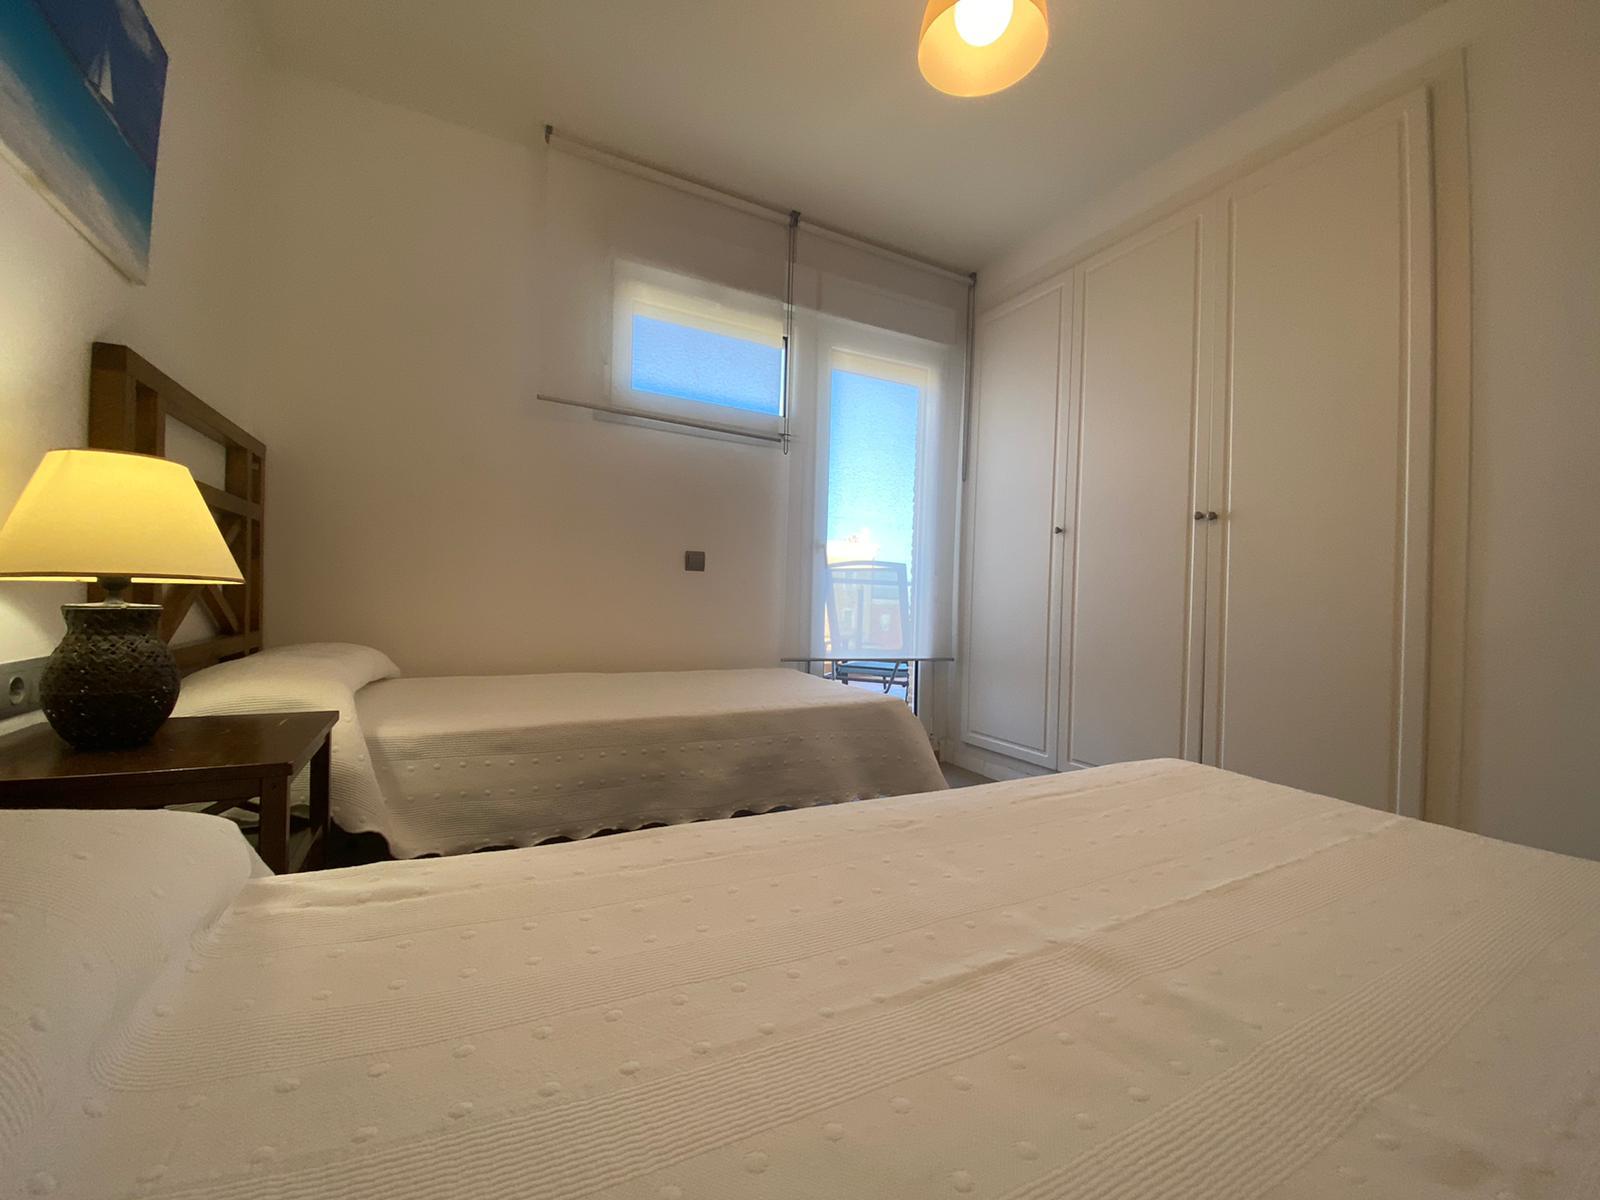 Imagen 37 del Apartamento Turístico, Ático 6 Levante (3d+2b), Punta del Moral (HUELVA), Paseo de la Cruz nº22